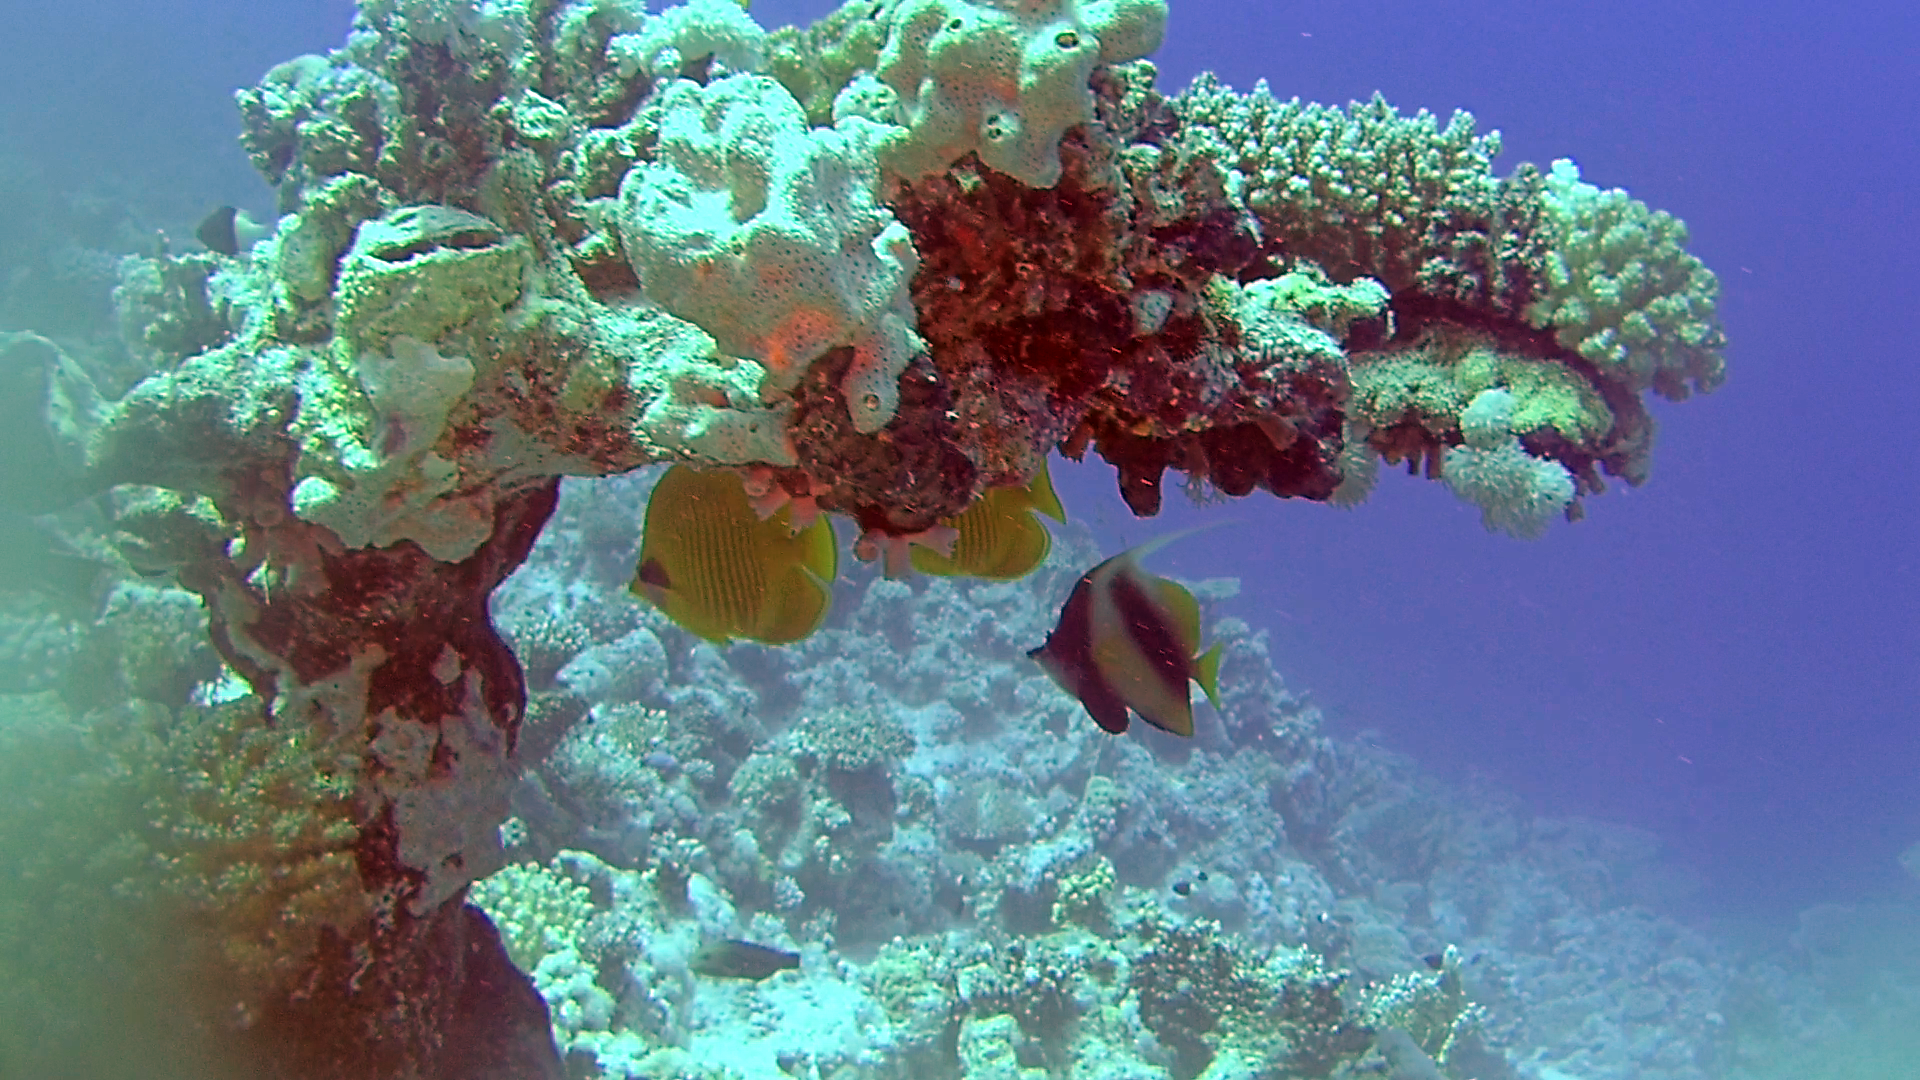 Pesce Farfalla Mascherato - Blue-cheeked Butterflyfish - Chaetodon semilarvatus - intotheblue.it